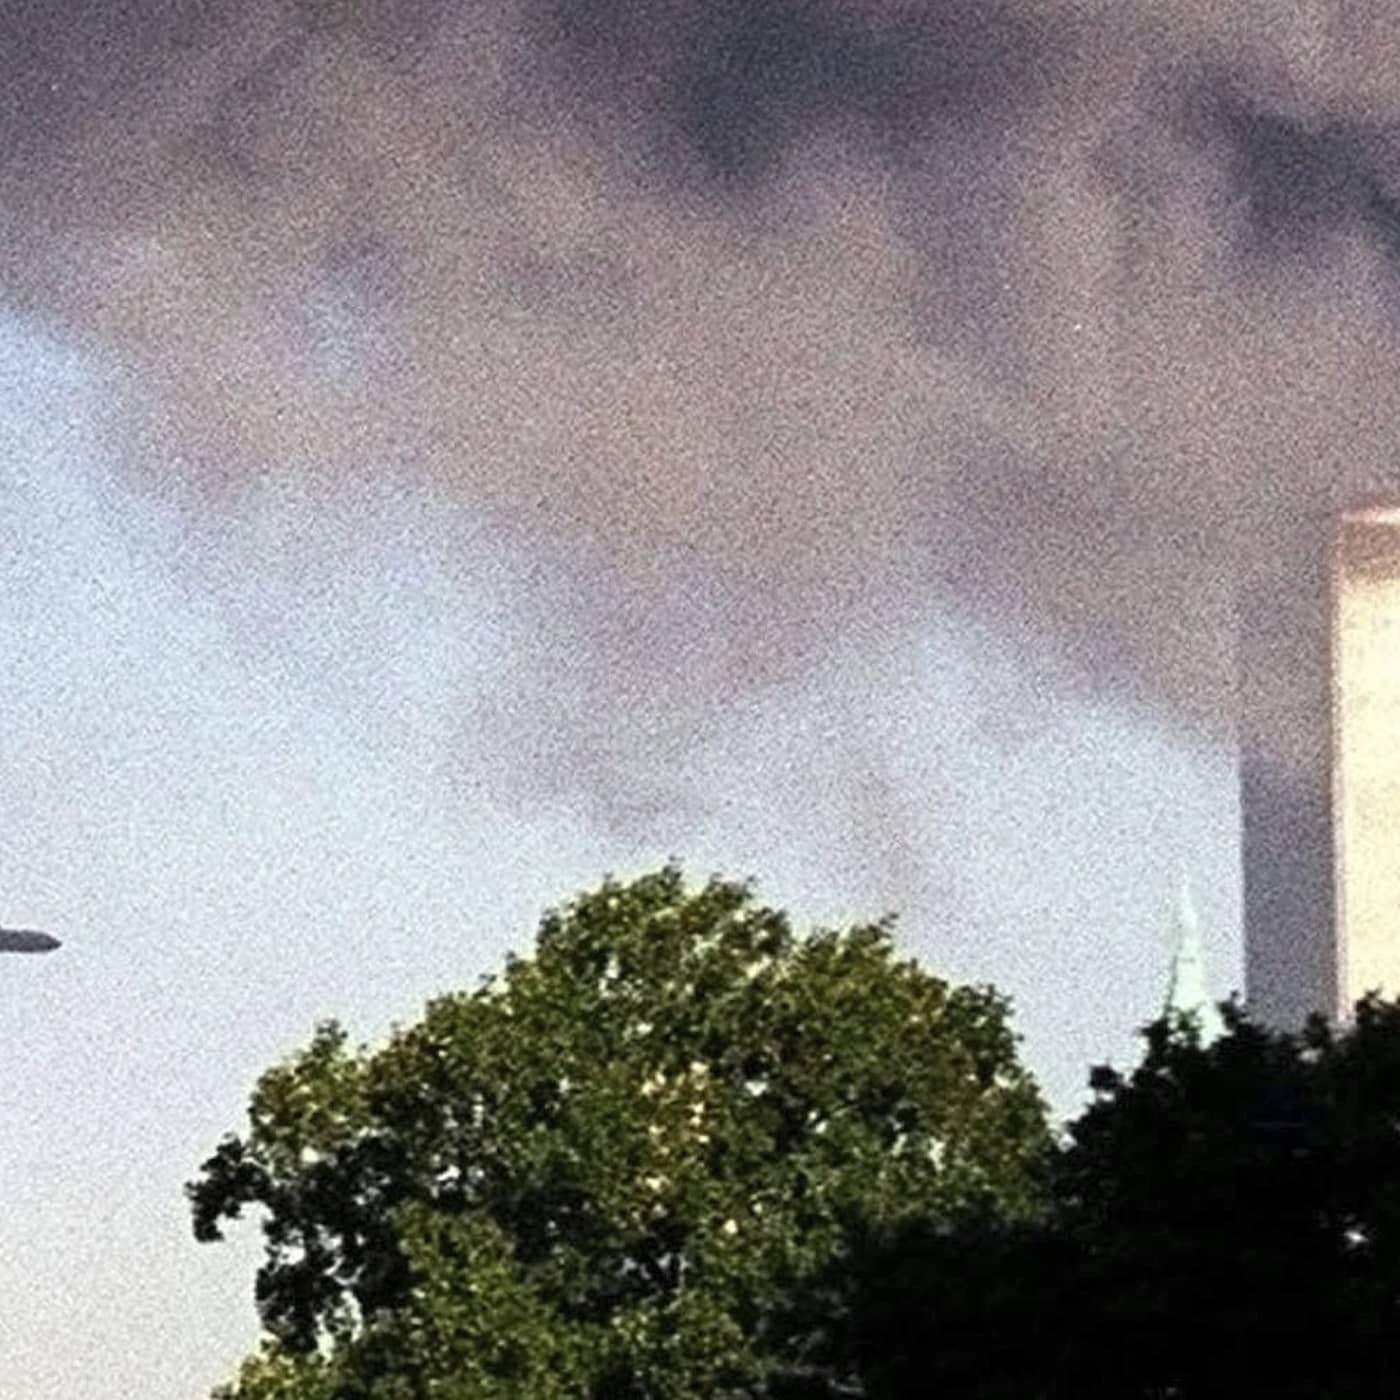 20 år sedan 9/11 – kommer du ihåg?